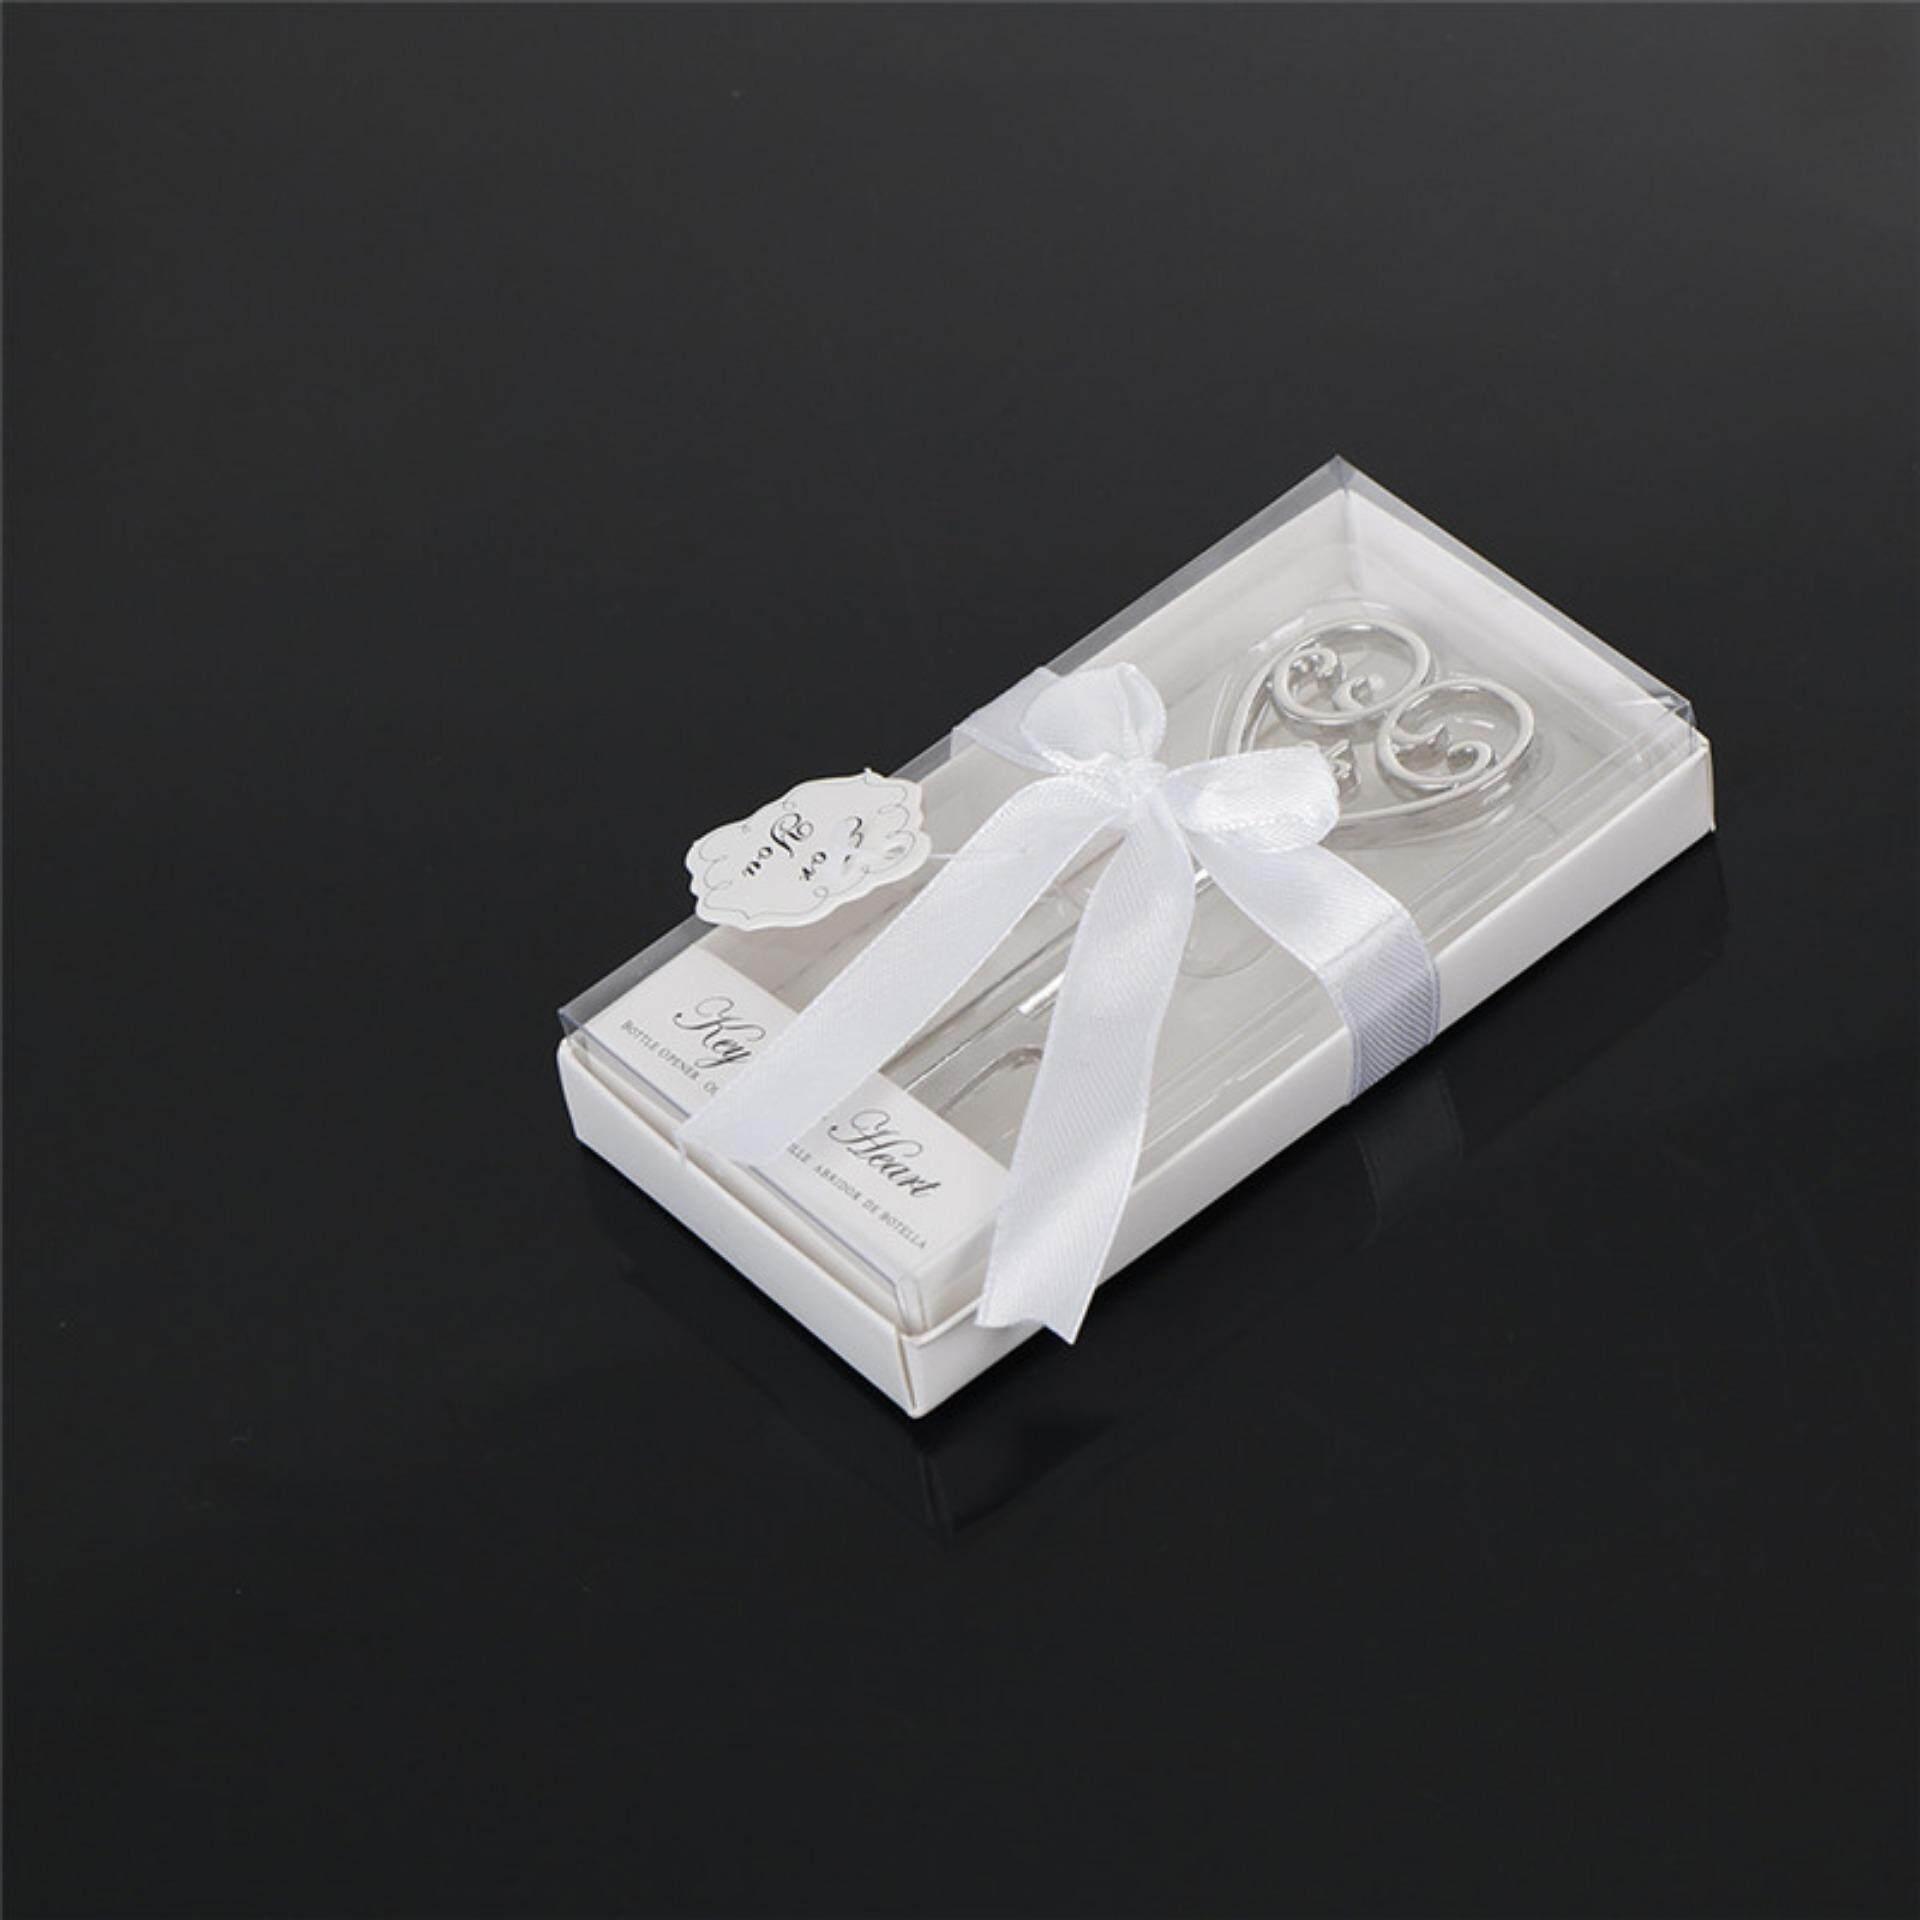 Kunci Botol Desain Kotrek Pembuka Pernikahan Hadiah Shower Souvenir Kreatif Lucu-Intl